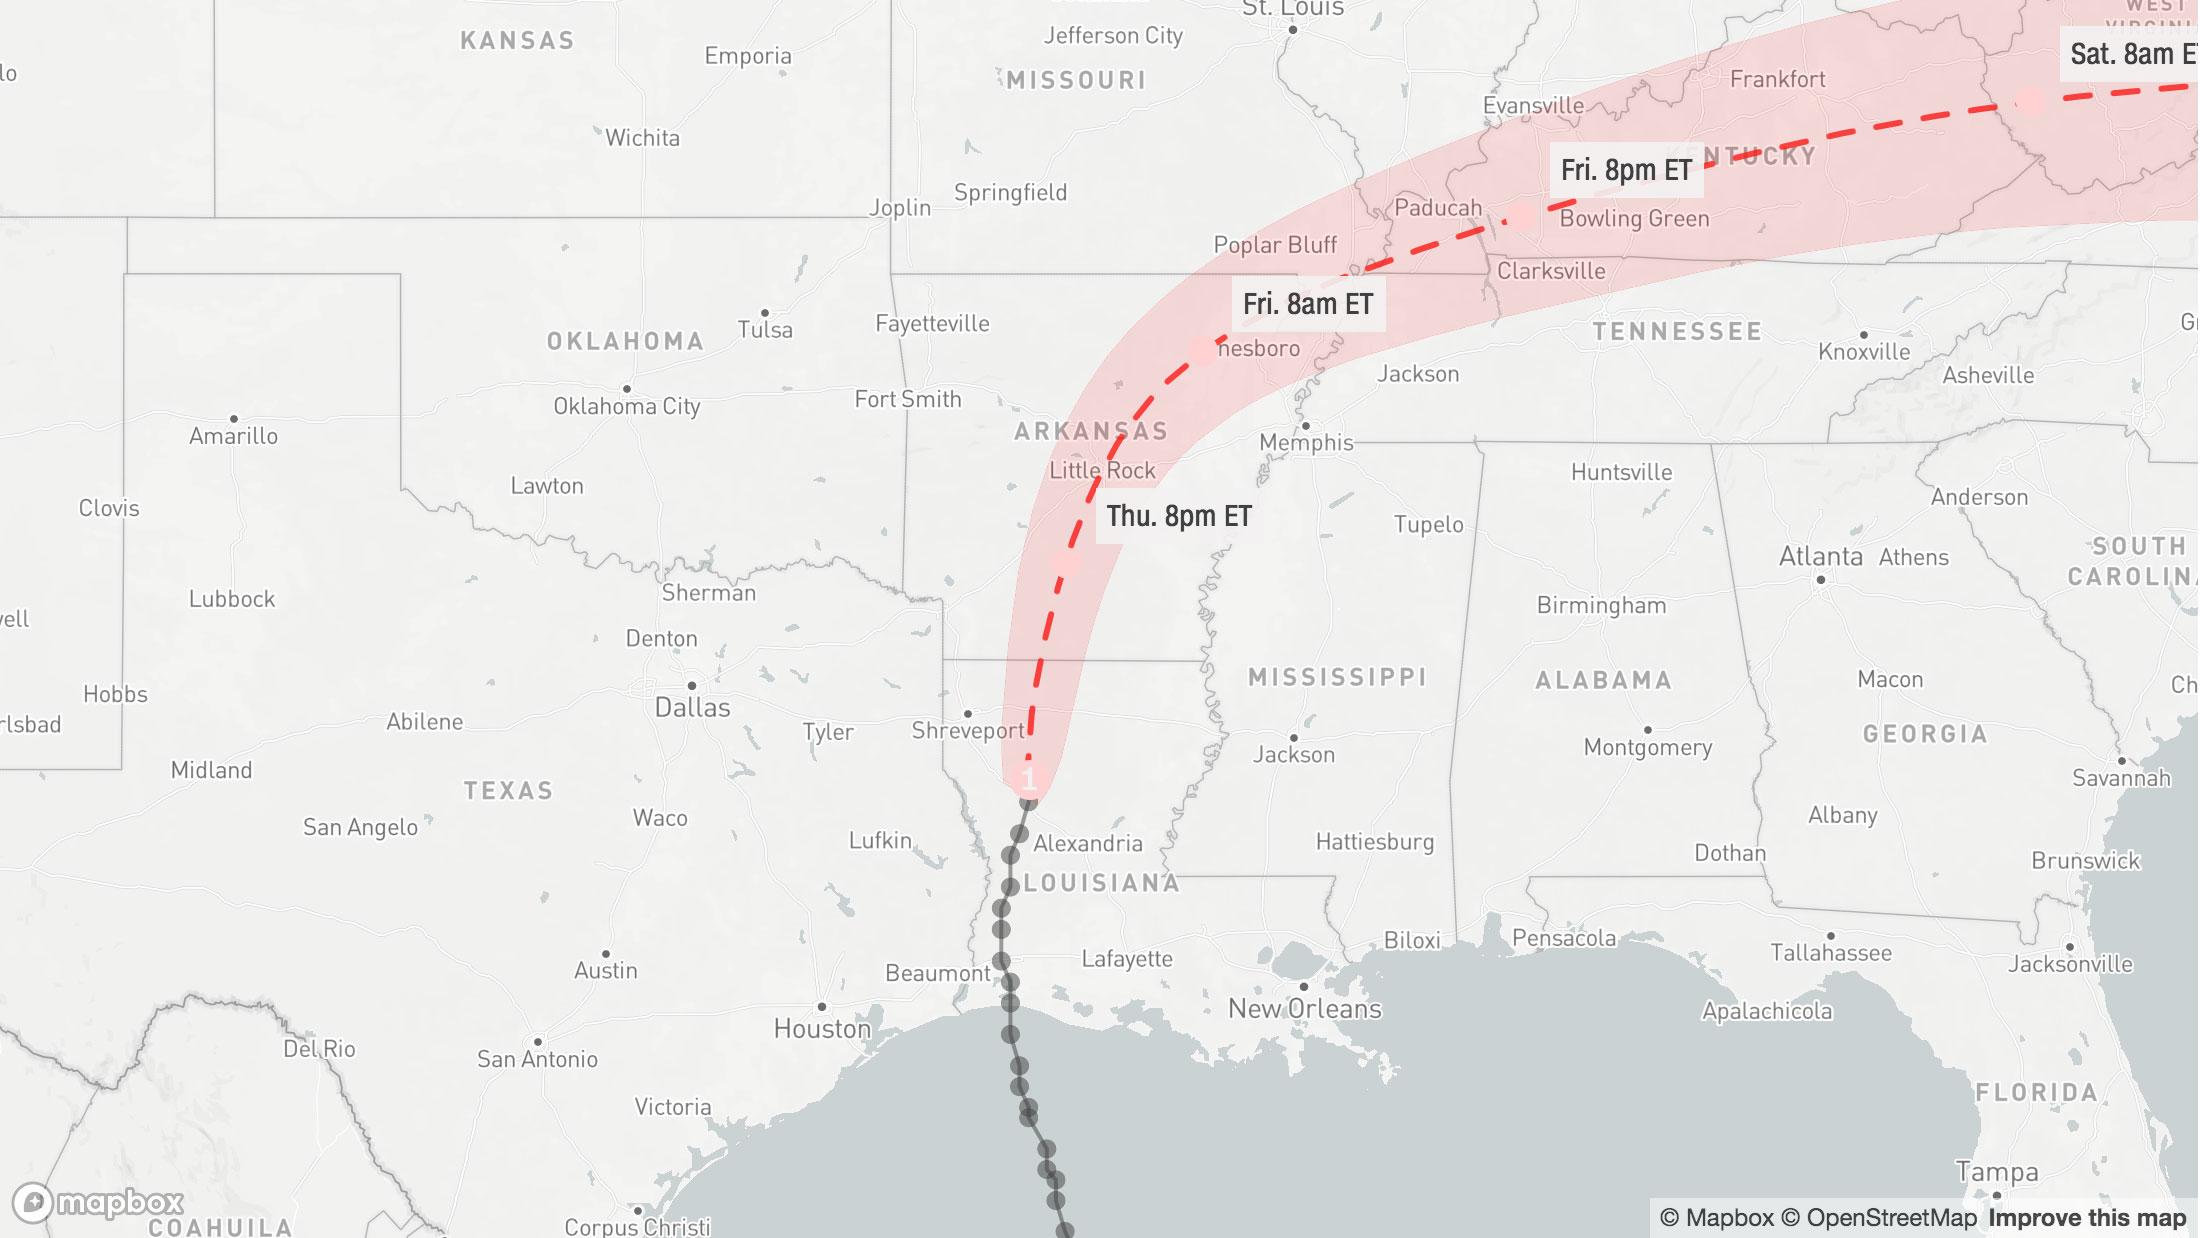 CNN/MapBox